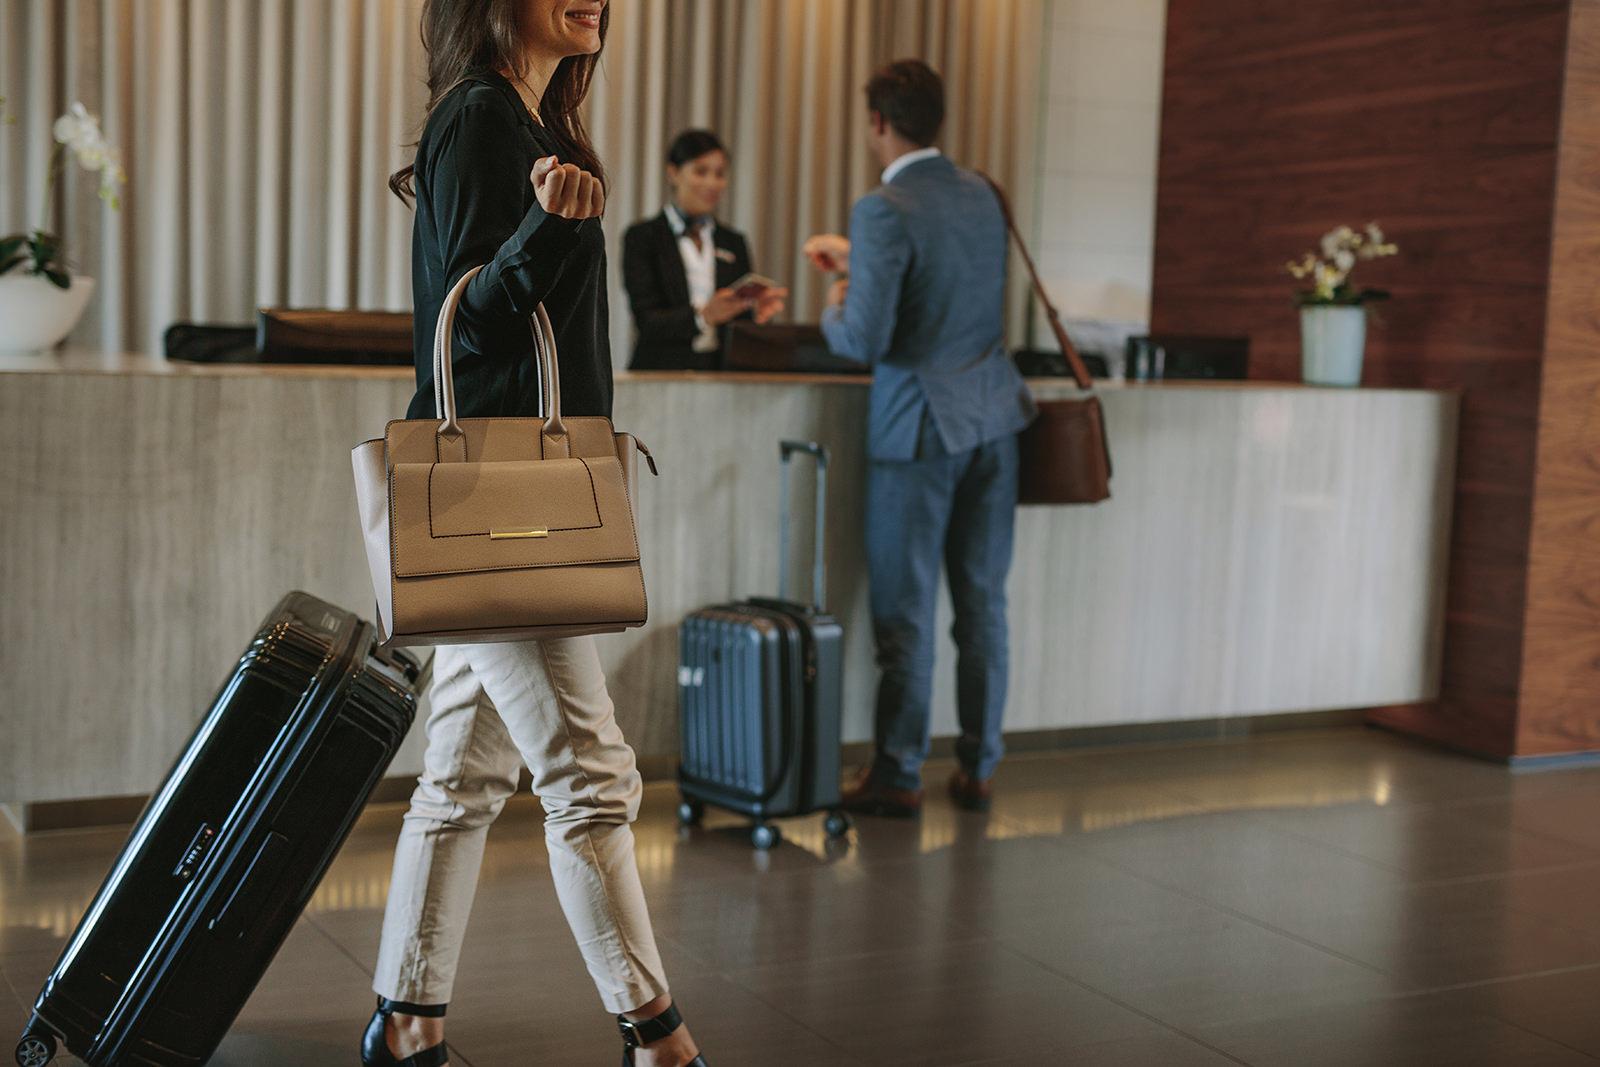 ホテル業界のM&A事例や動向